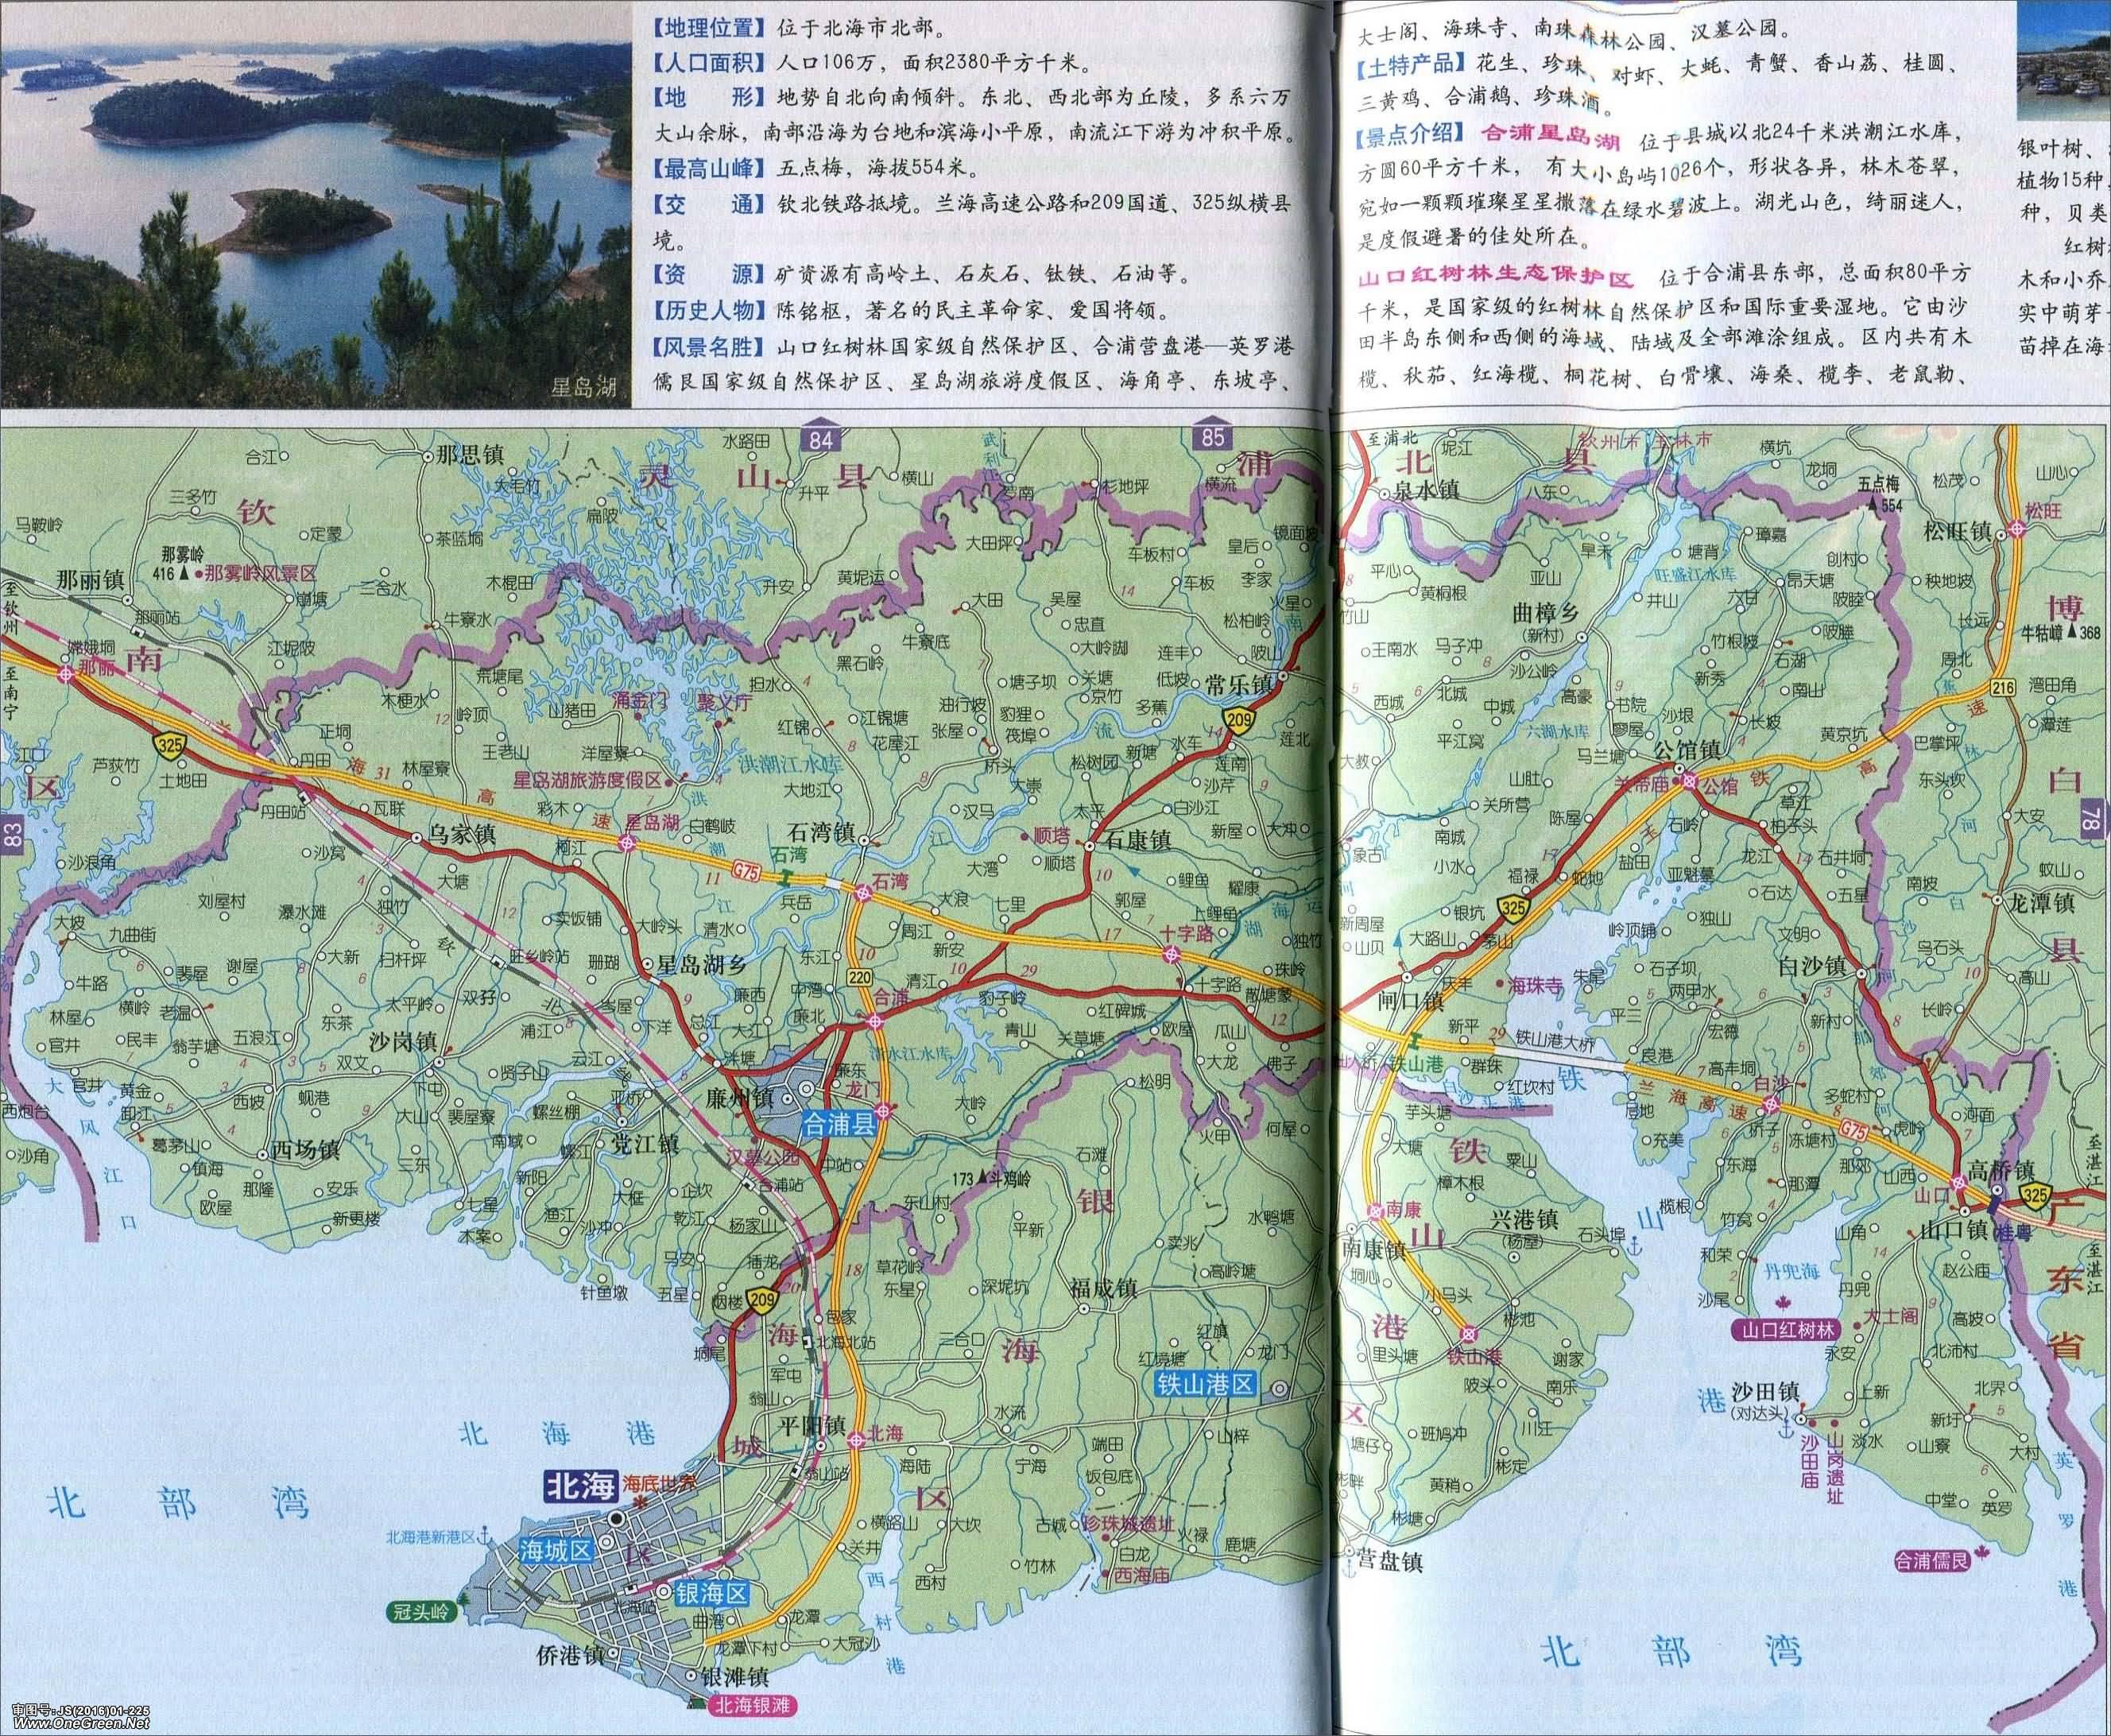 合浦县地图图片